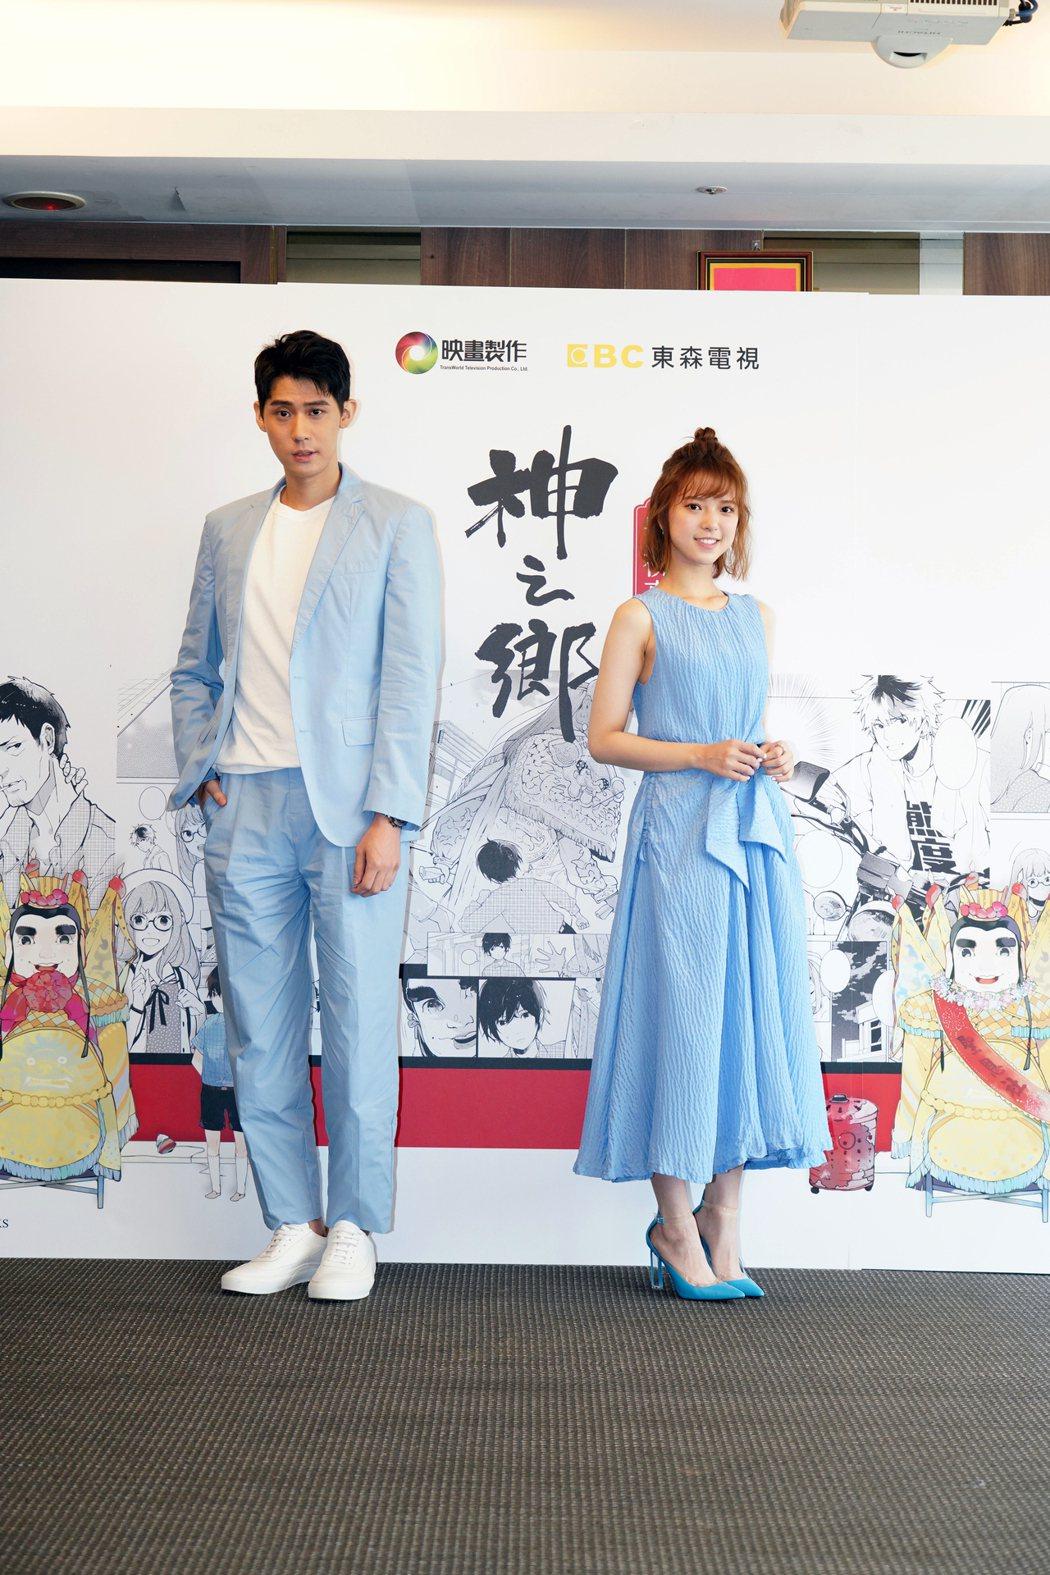 項婕如(右)和李玉璽相差25公分,最萌身高差一起演出郭建宏新戲「神之鄉」。圖/映...